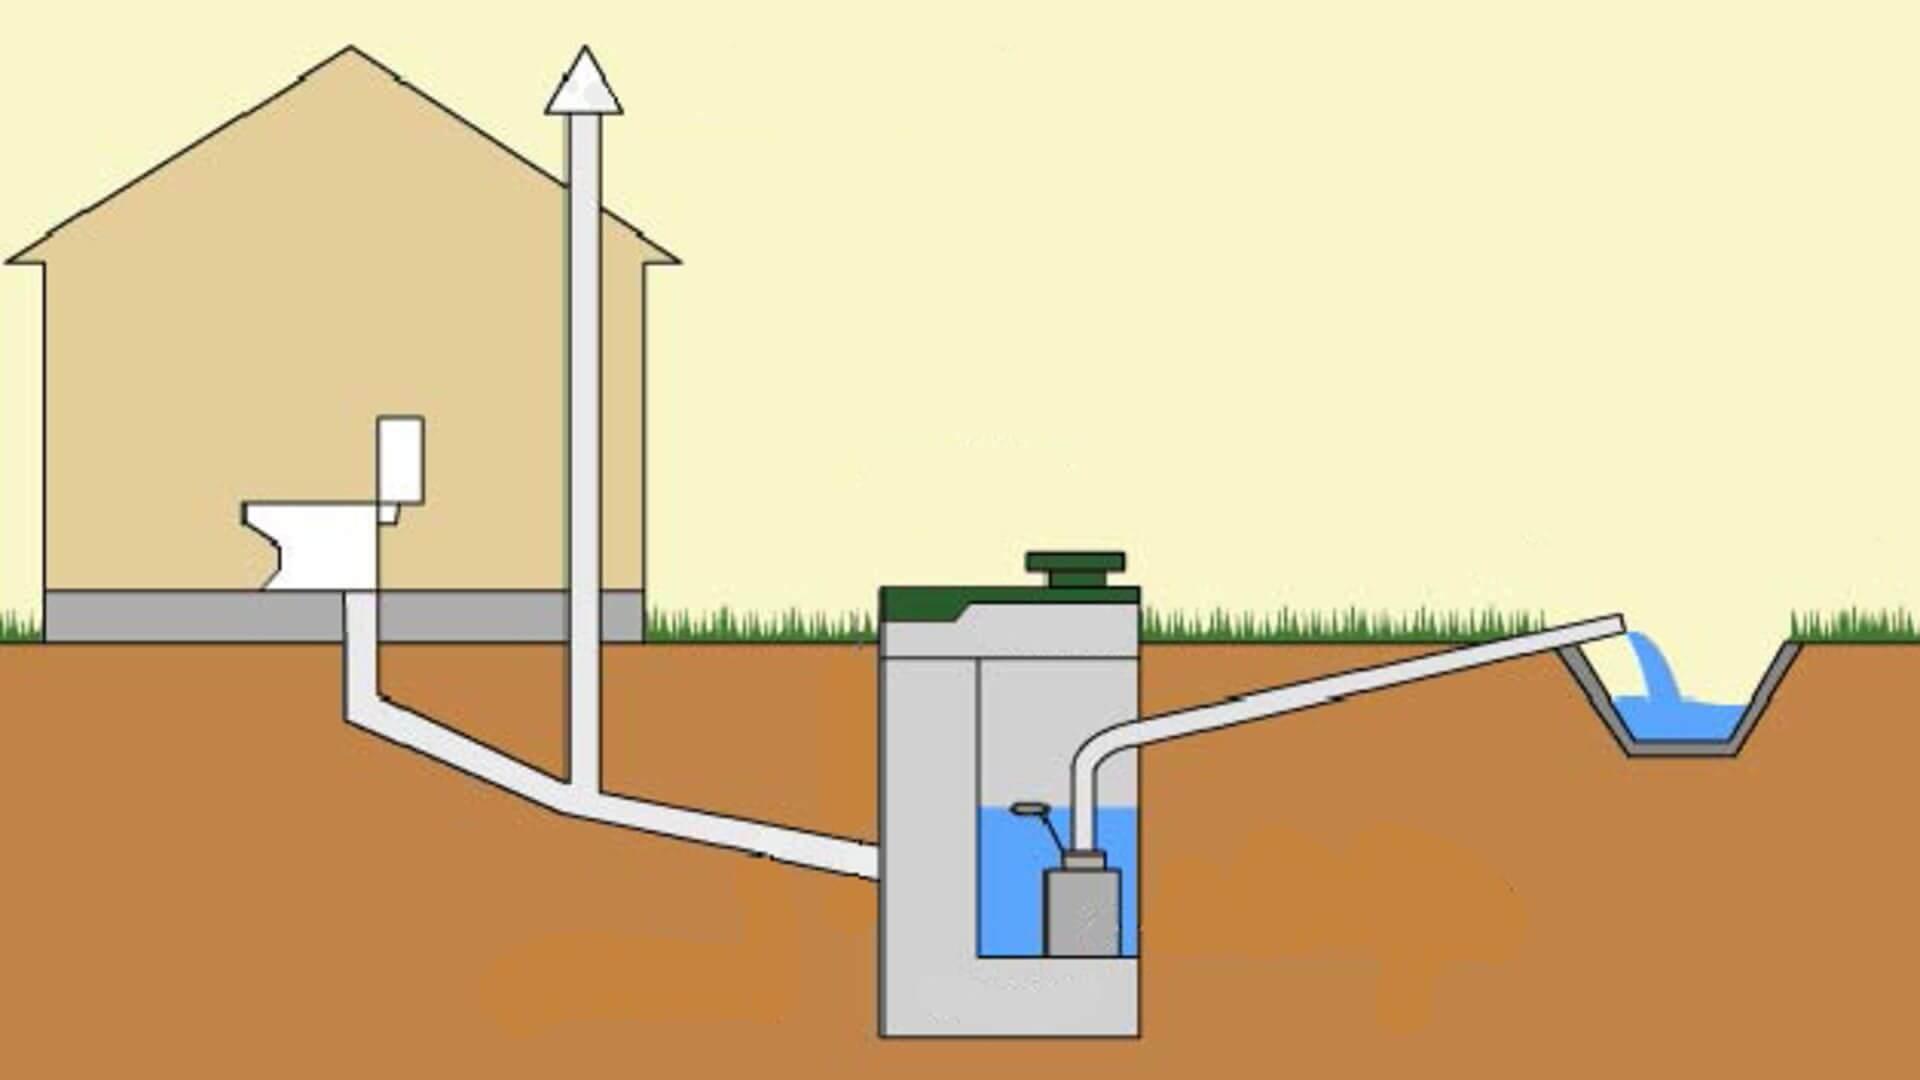 Канализация для бани своими руками: схема и пошаговый инструктаж по устройству